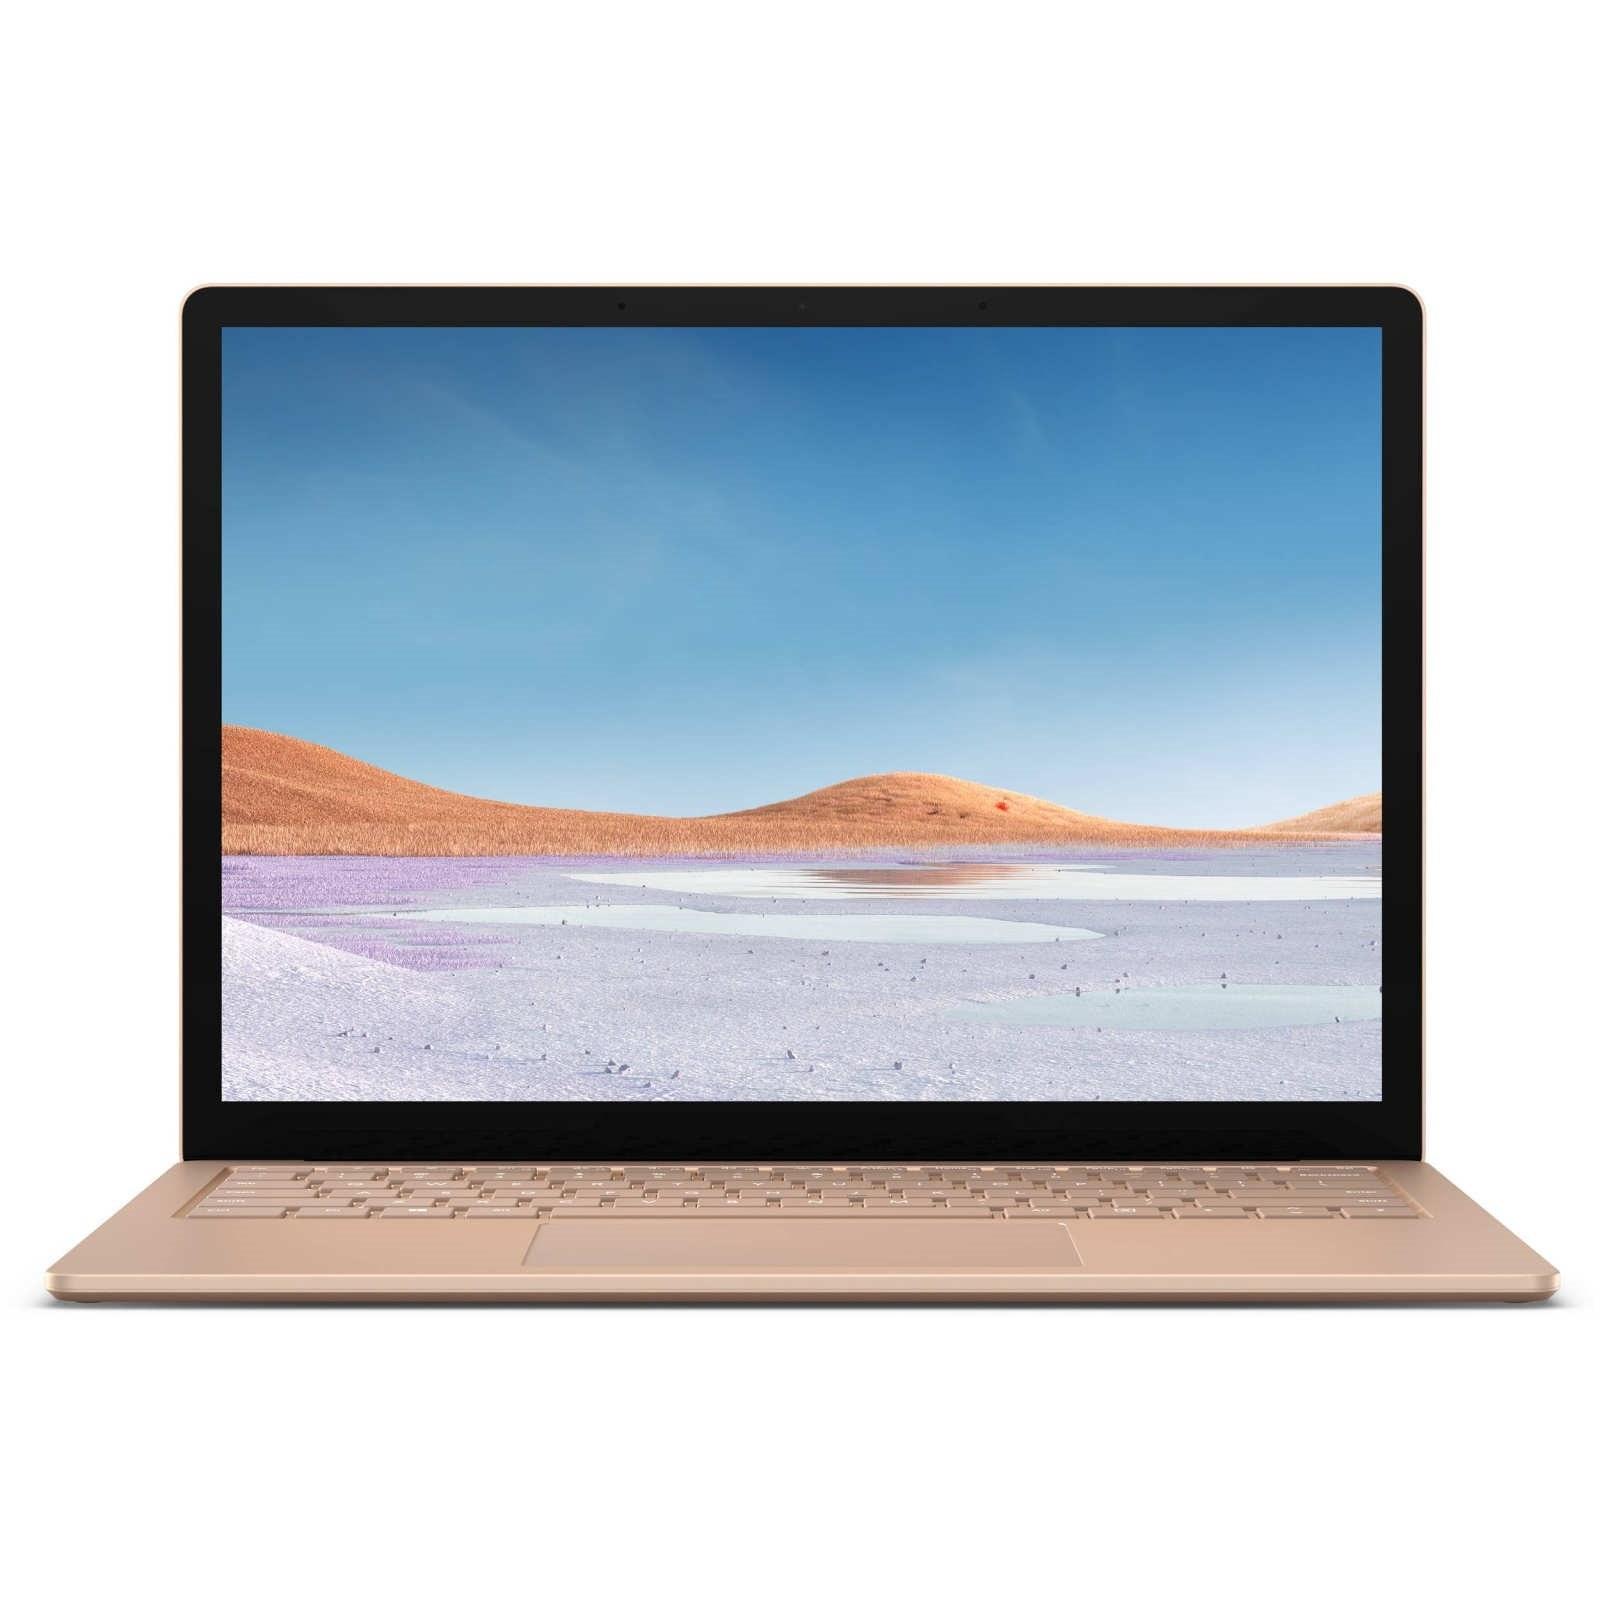 تصویر لپ تاپ مایکروسافت مدل سورفیس لپ تاپ 3 – Microsoft Surface Laptop 3 Core i5/8GB/256GB – 13.5 inch Microsoft Surface Laptop 3 Core i5 8GB 256GB 13.5 inch